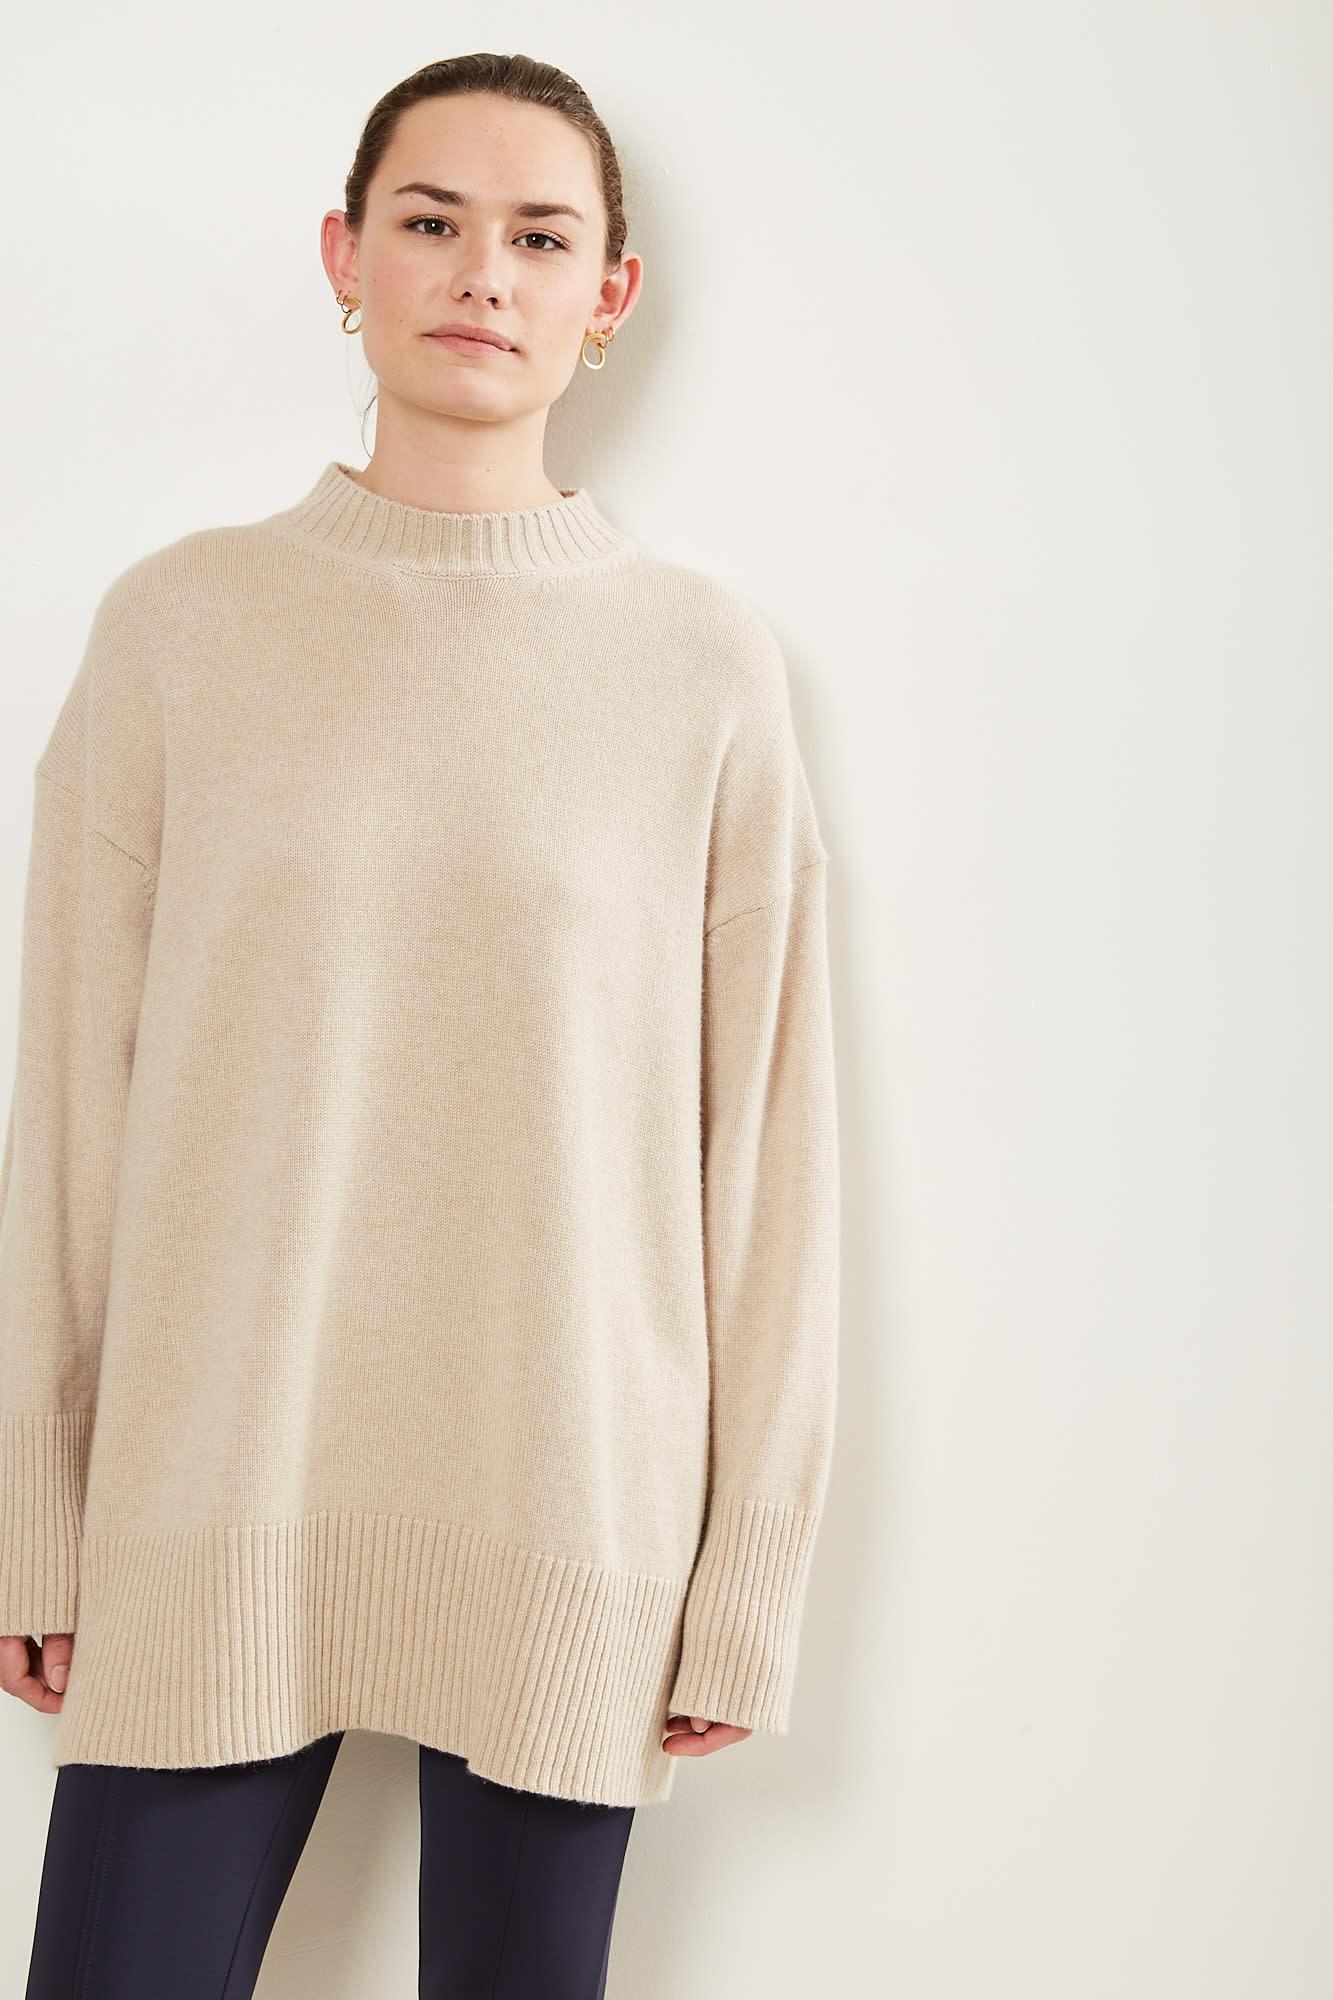 Gauge81 Devon 100% cashmere pullover